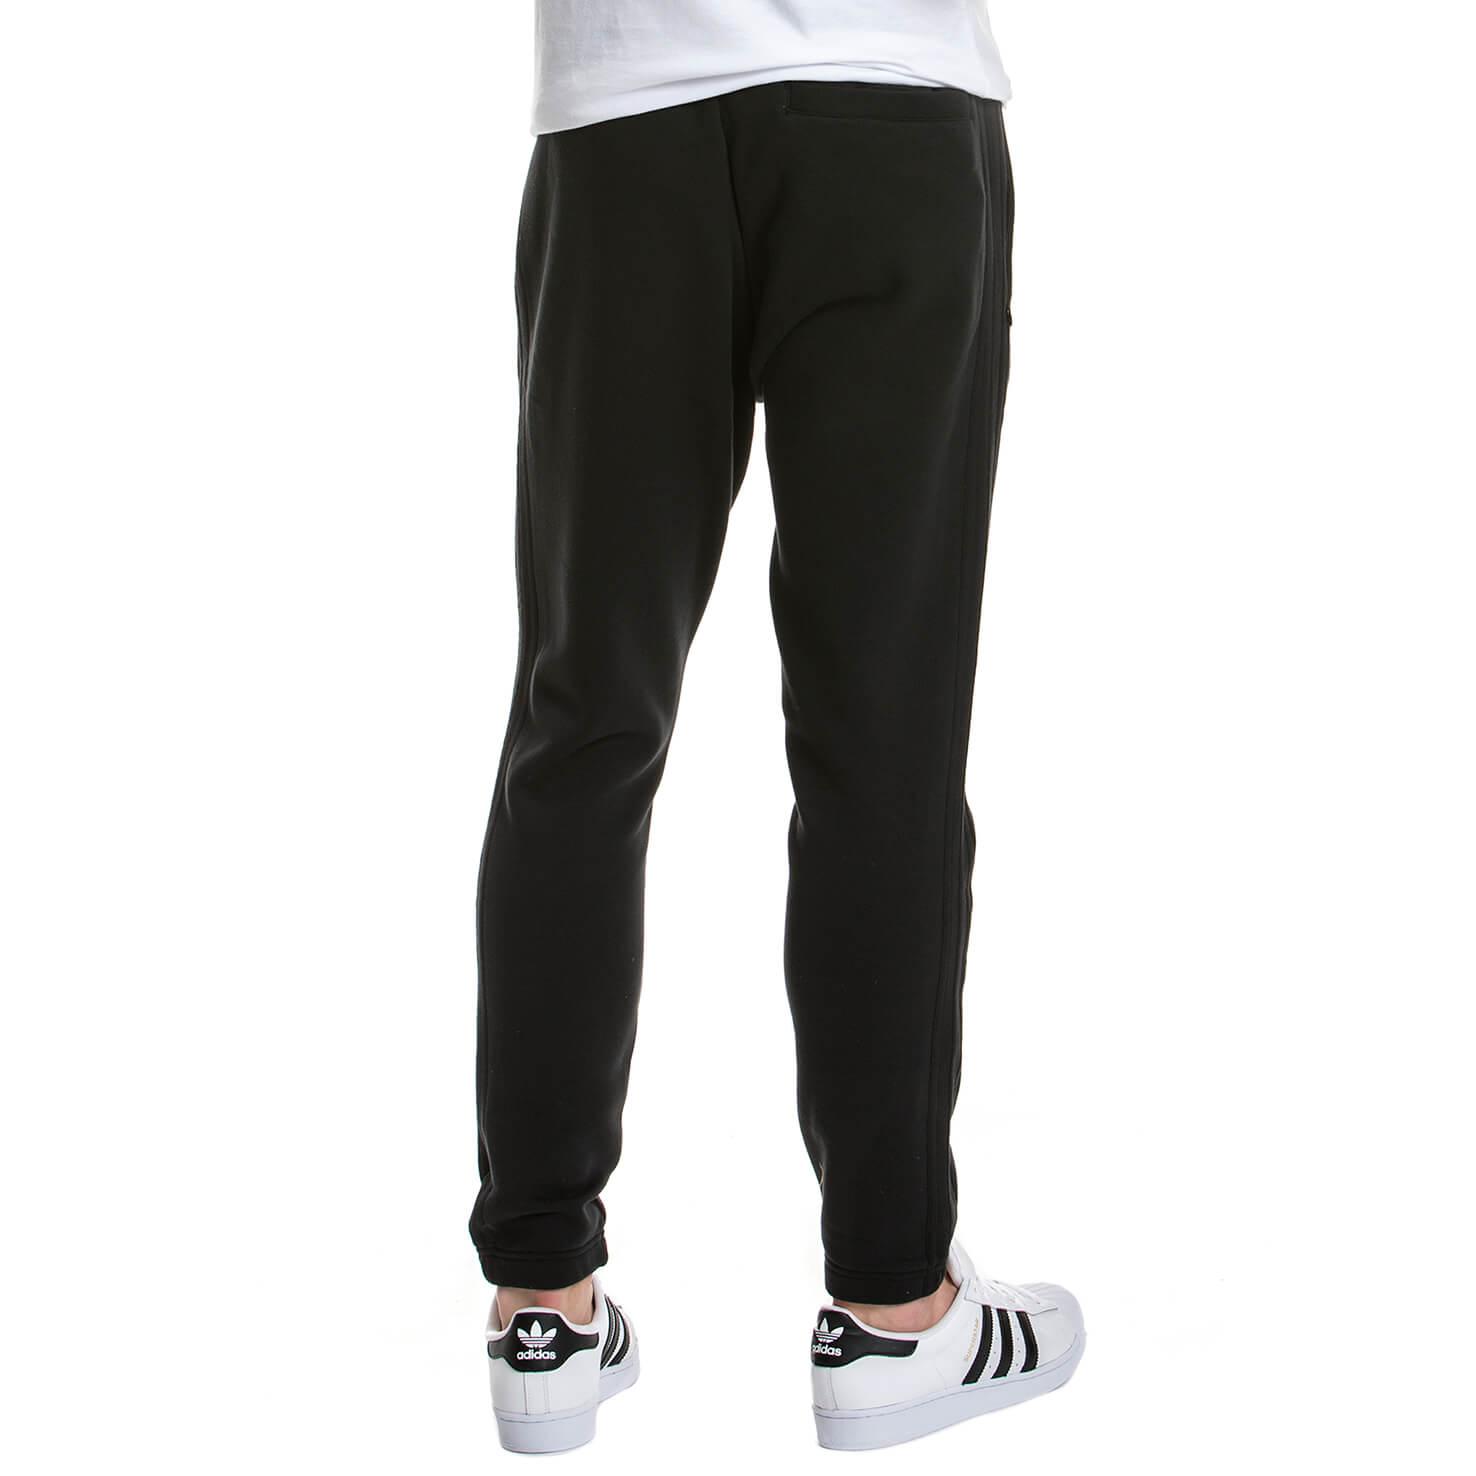 adidas Trf Series Erkek Siyah Eşofman Altı